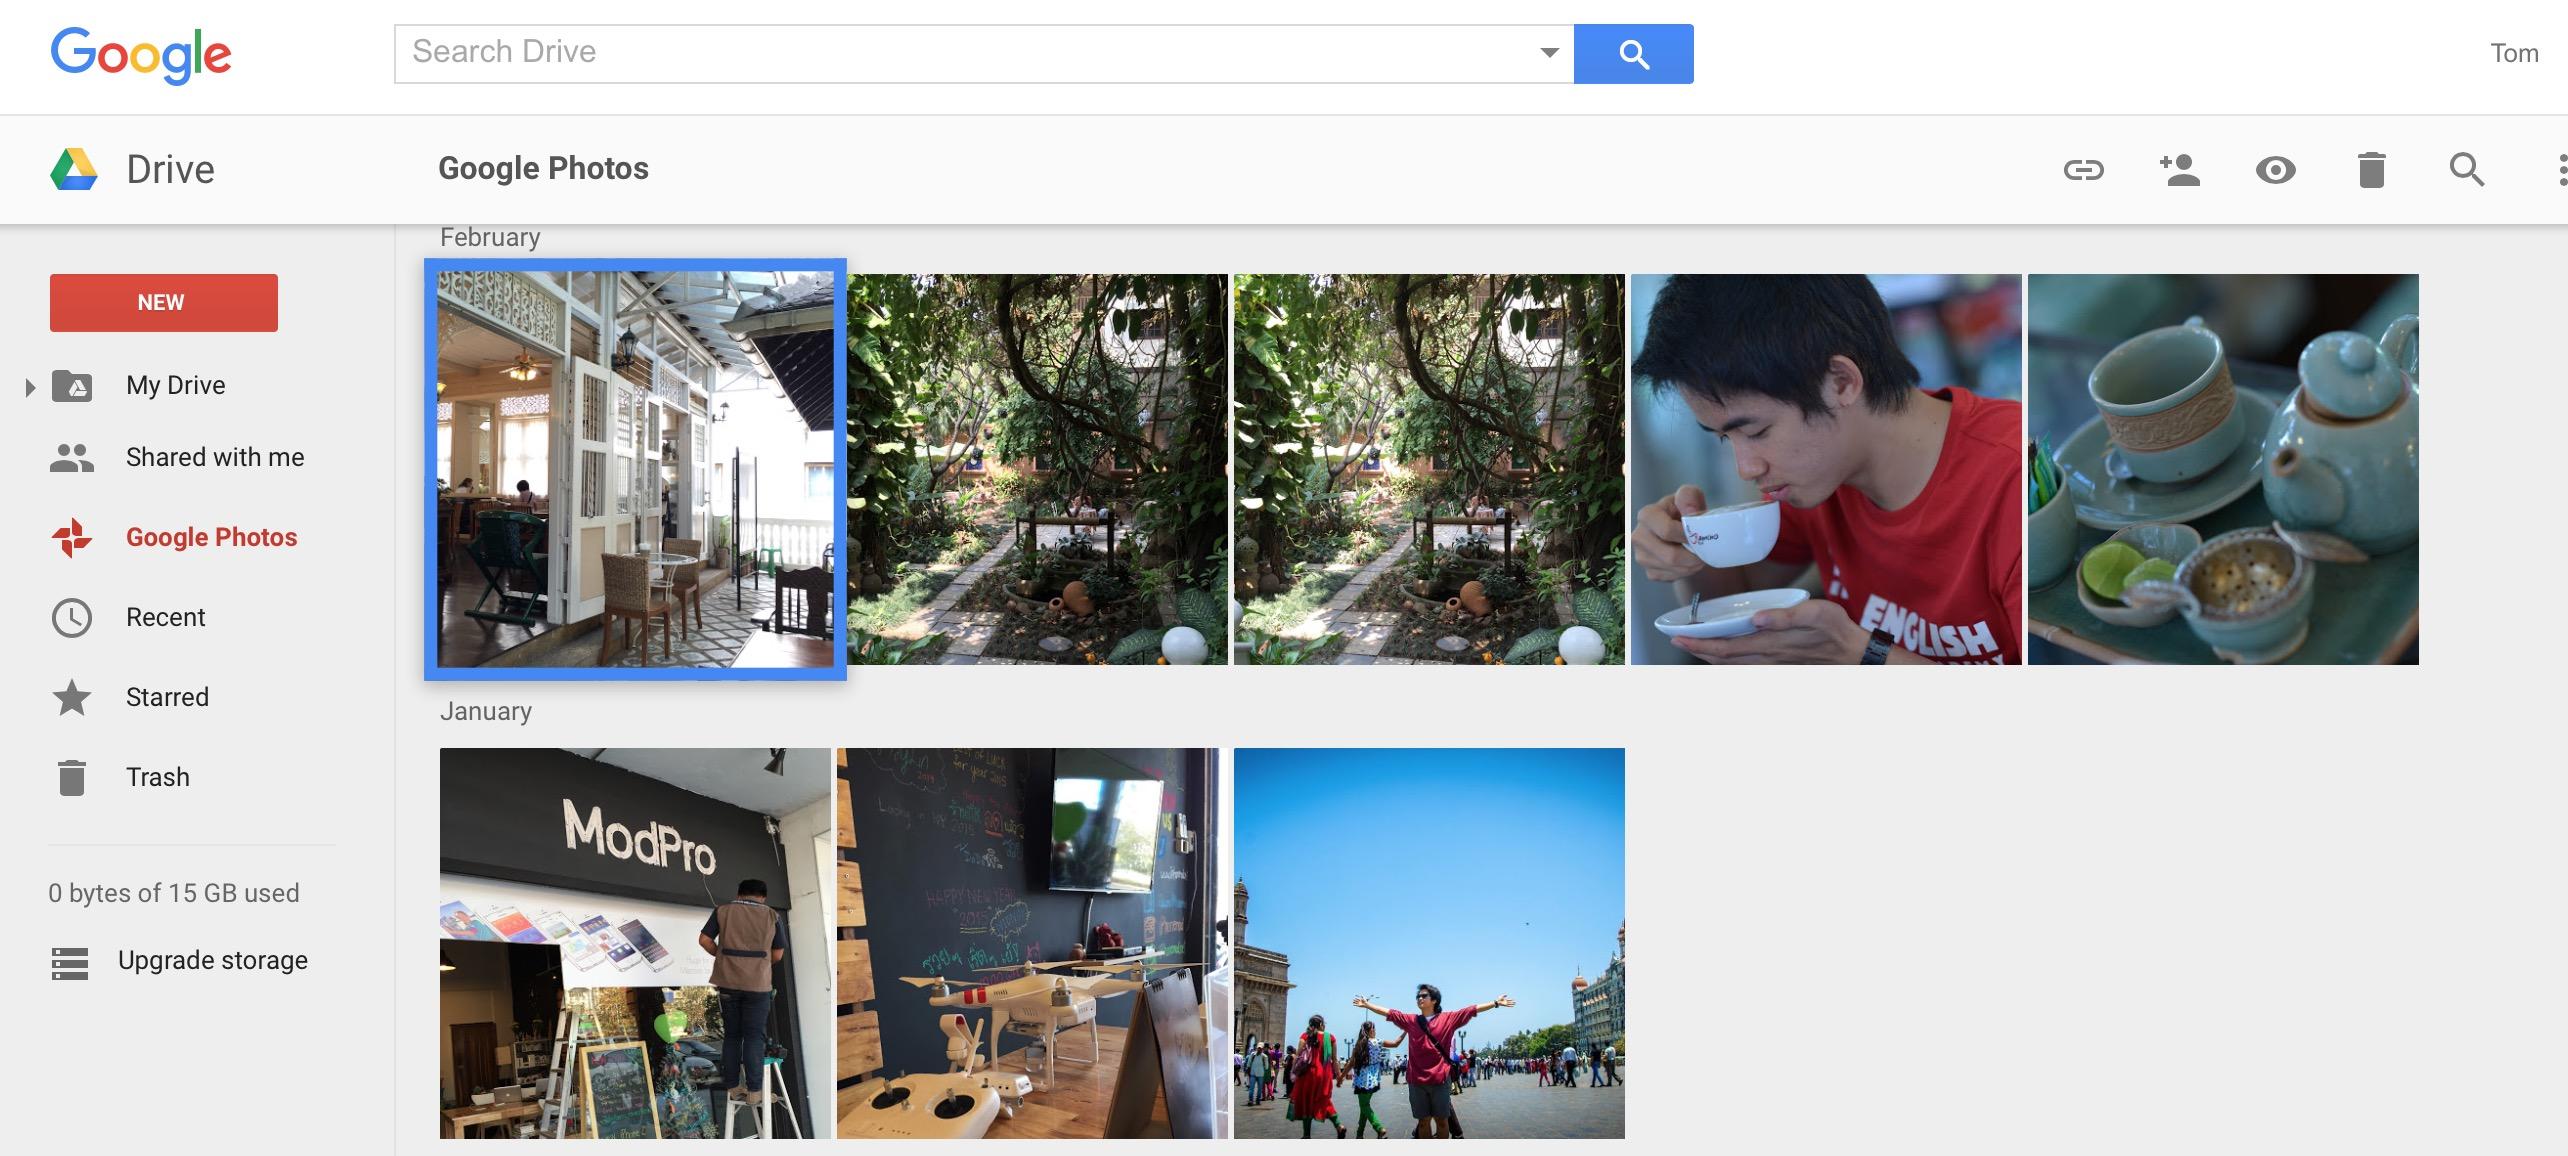 ตัวอย่างภาพที่อัปโหลดเก็บที่ Google Photos แล้ว